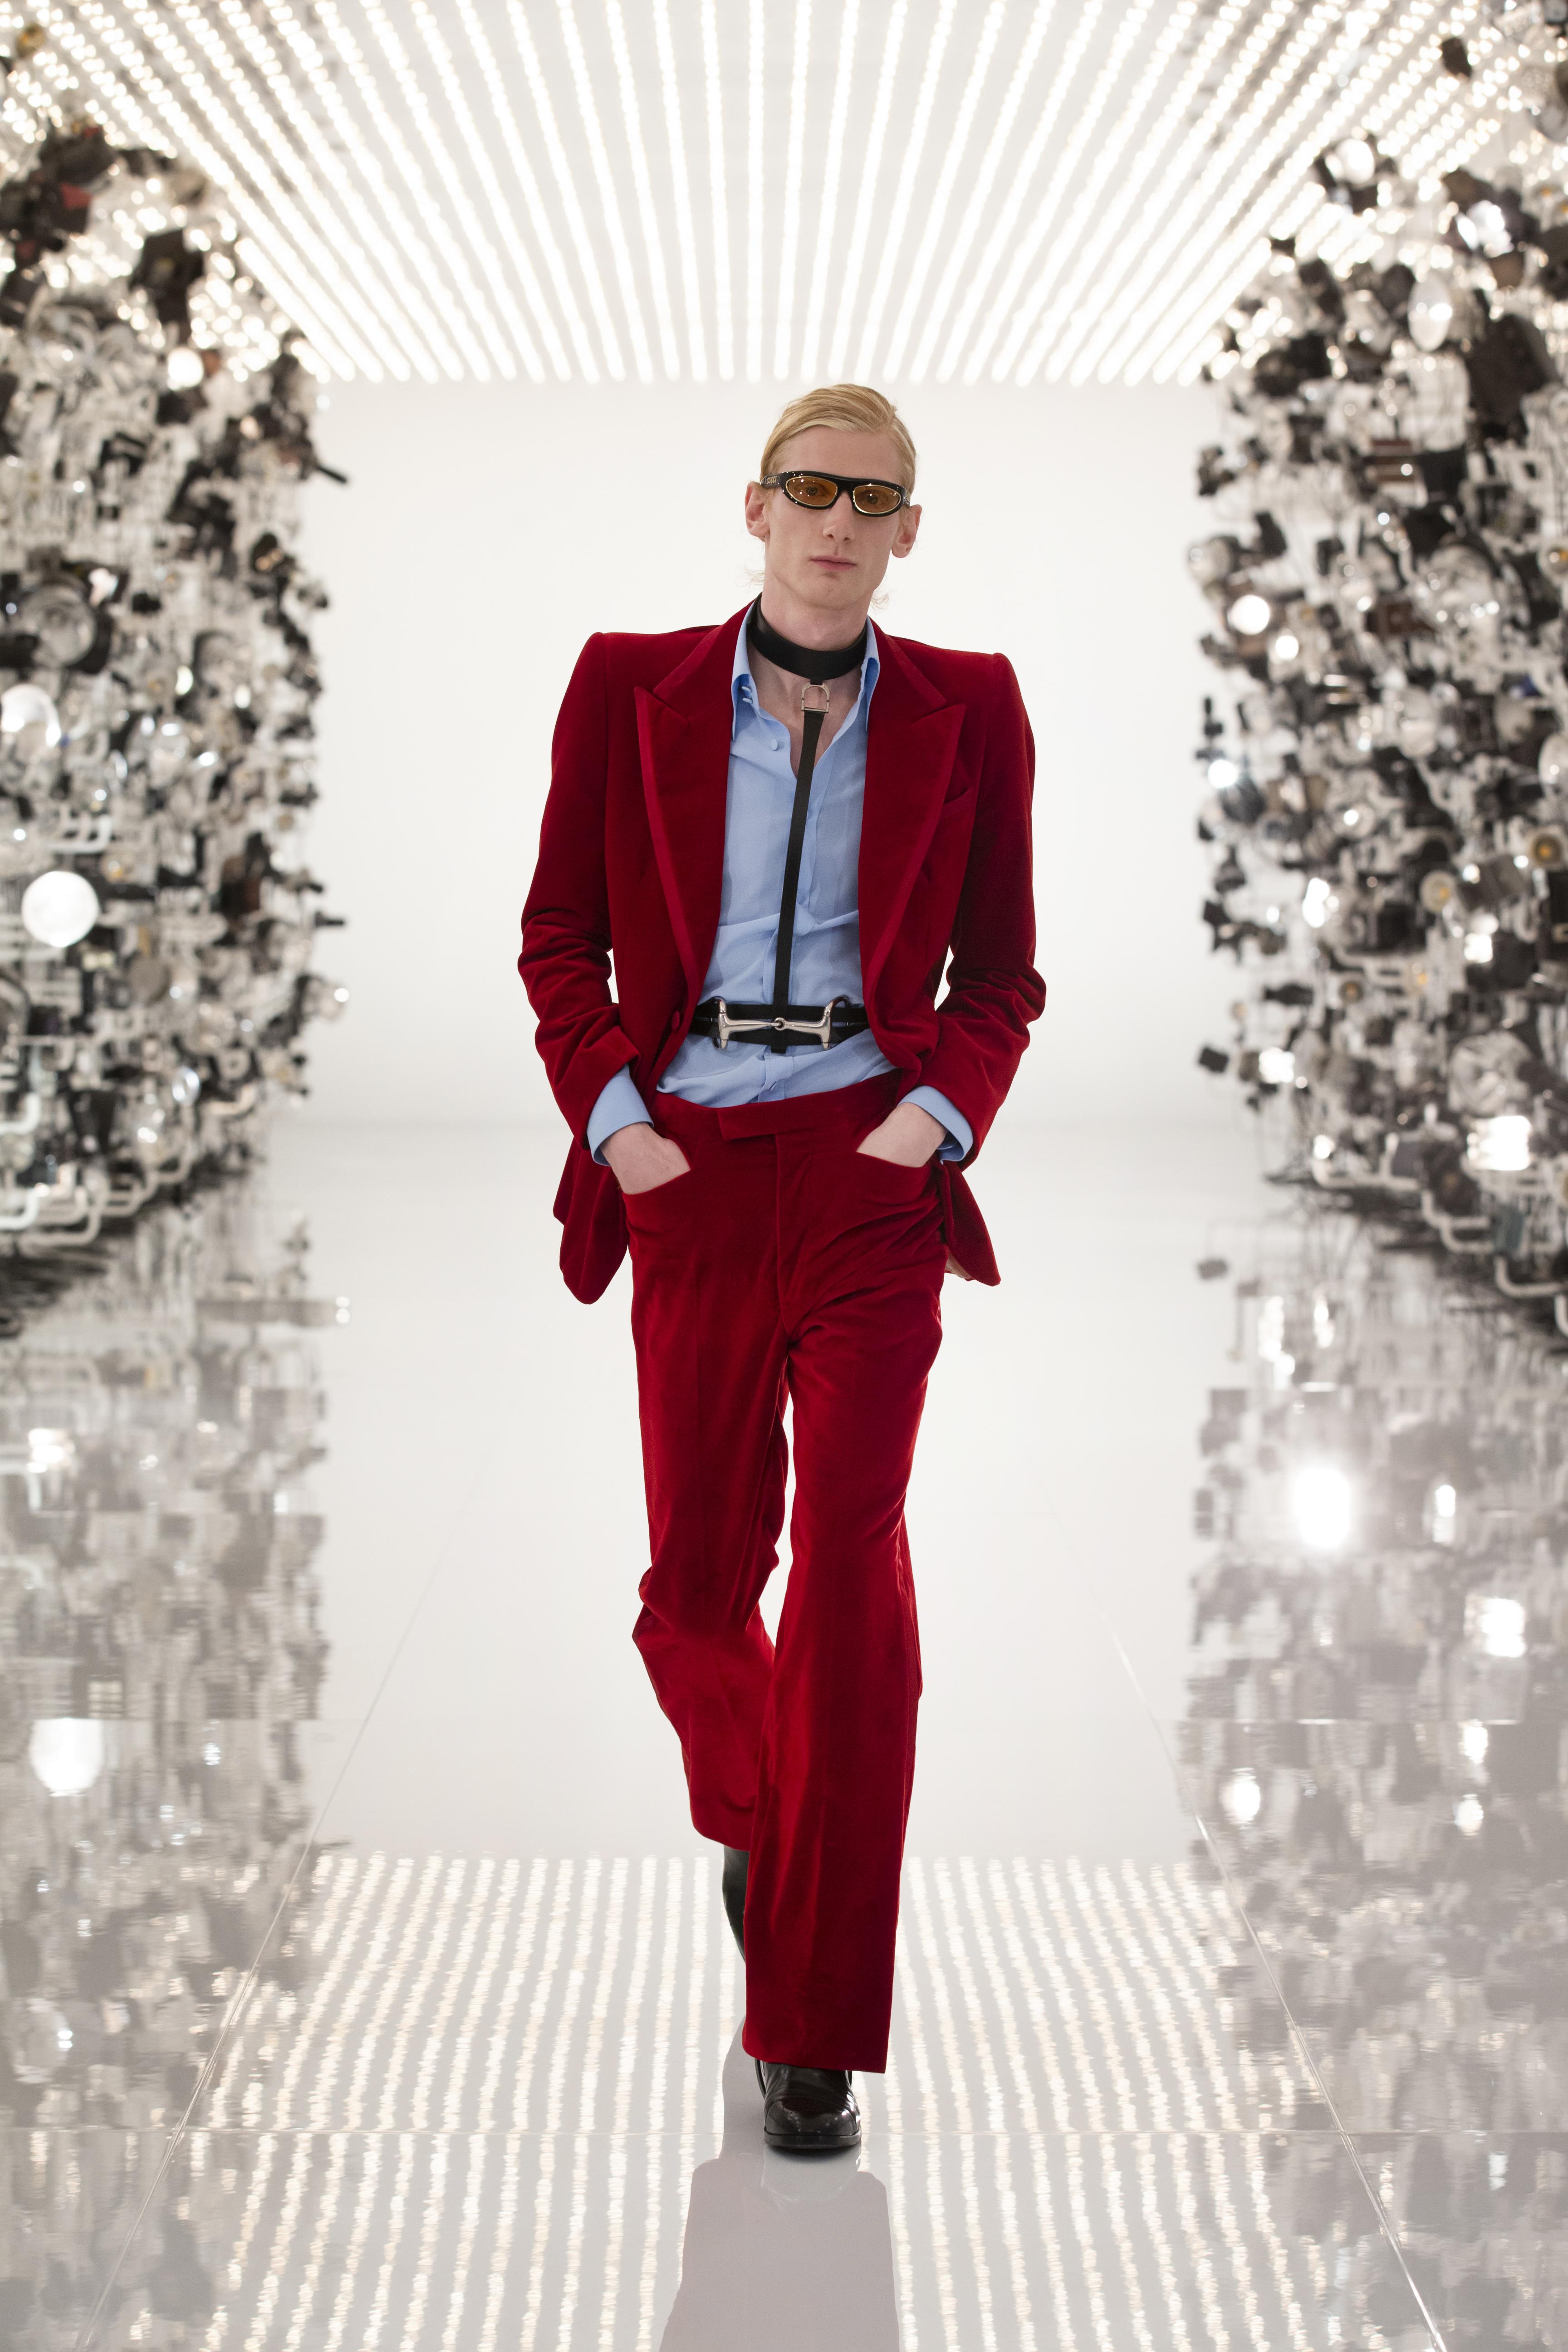 O terno de veludo vermelho usado por Gwyneth Pawtrol em 1996 foi uma das referencias da Gucci. (crédito: Greg Avenel).